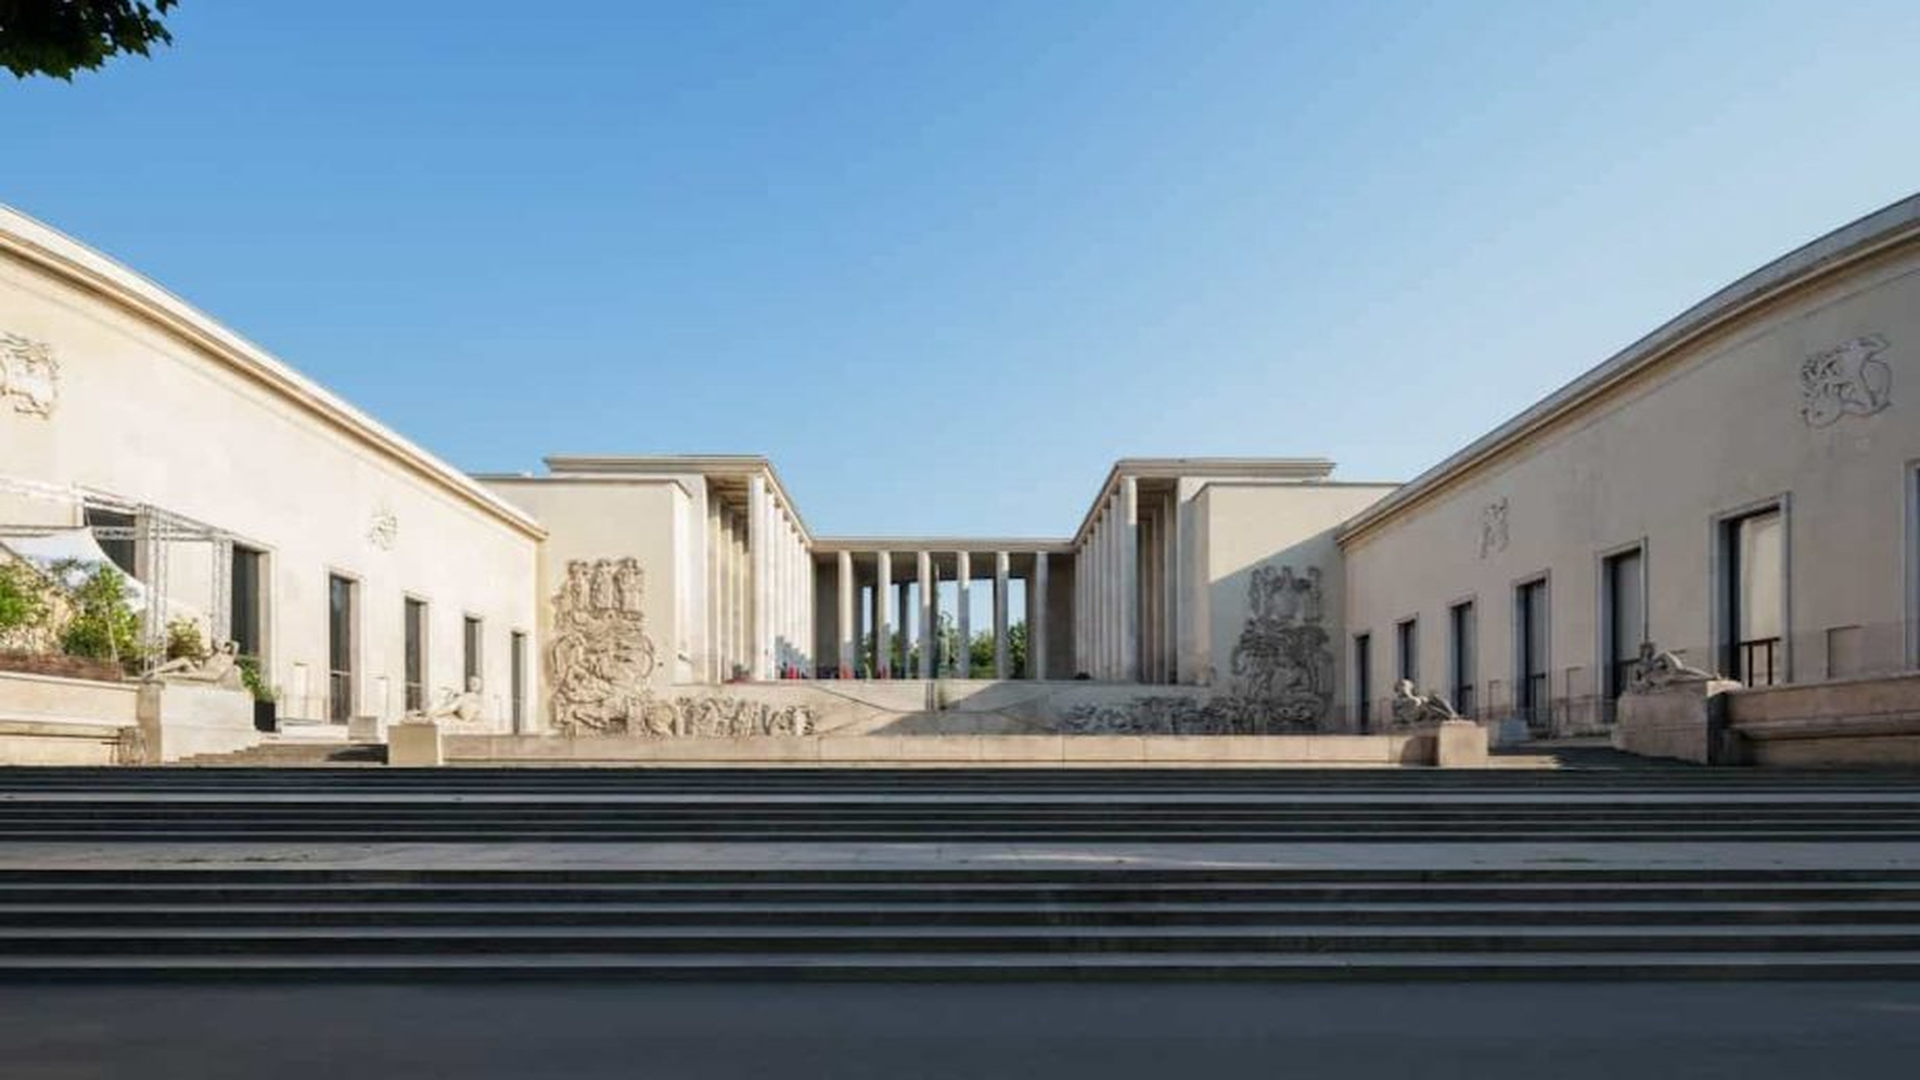 Une pétition pour rouvrir les musées